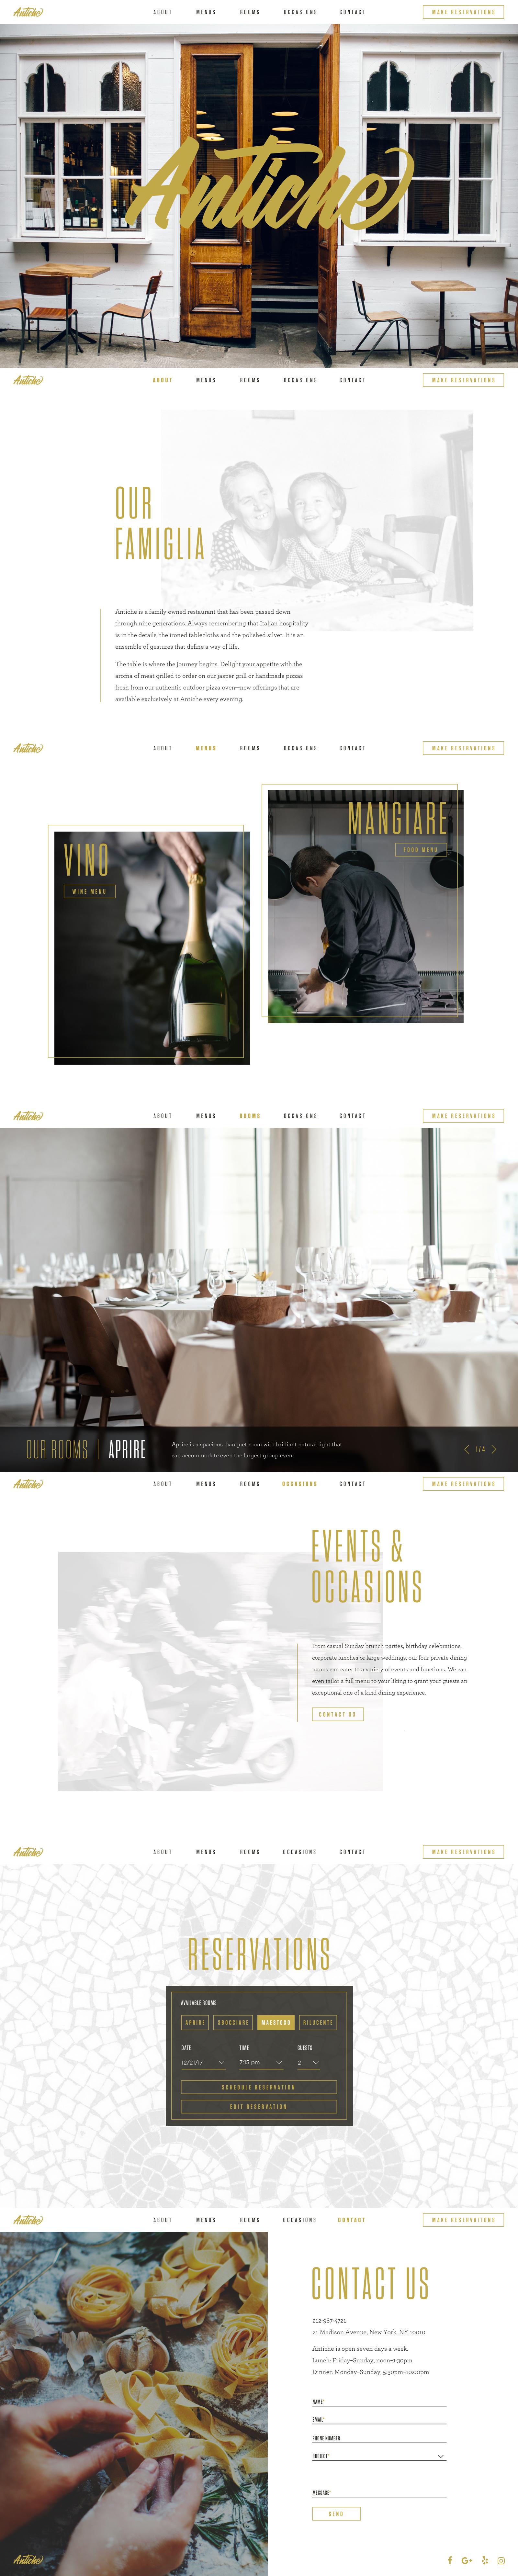 Antiche restaurant homepage 1x